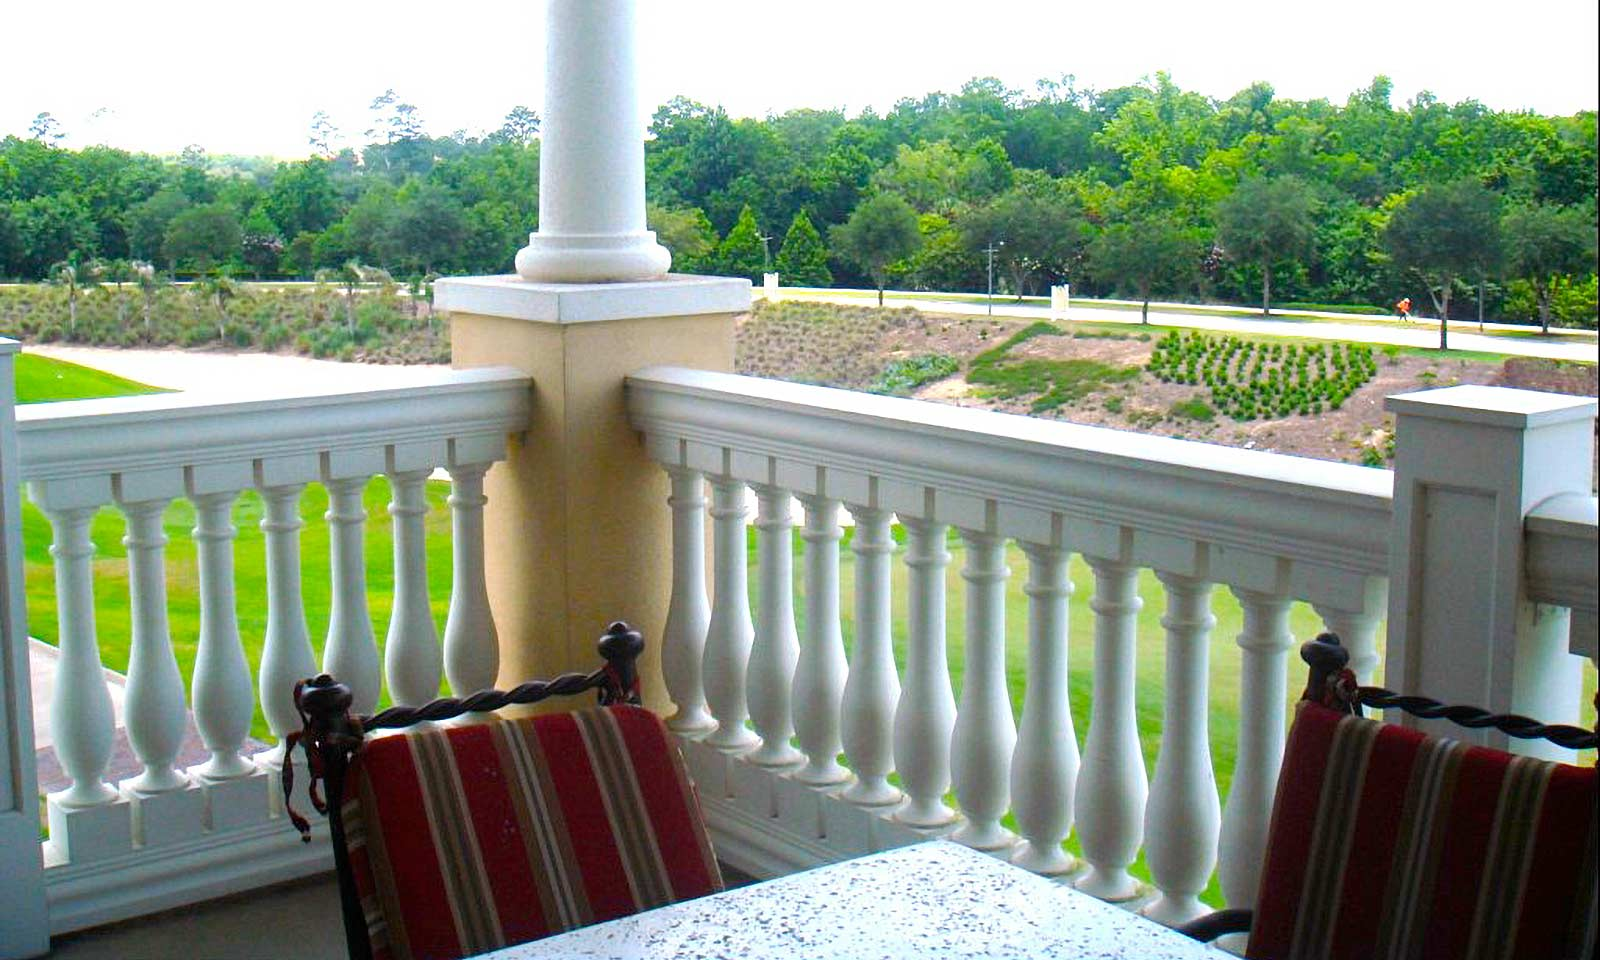 [amenities:Balcony:2] Balcony